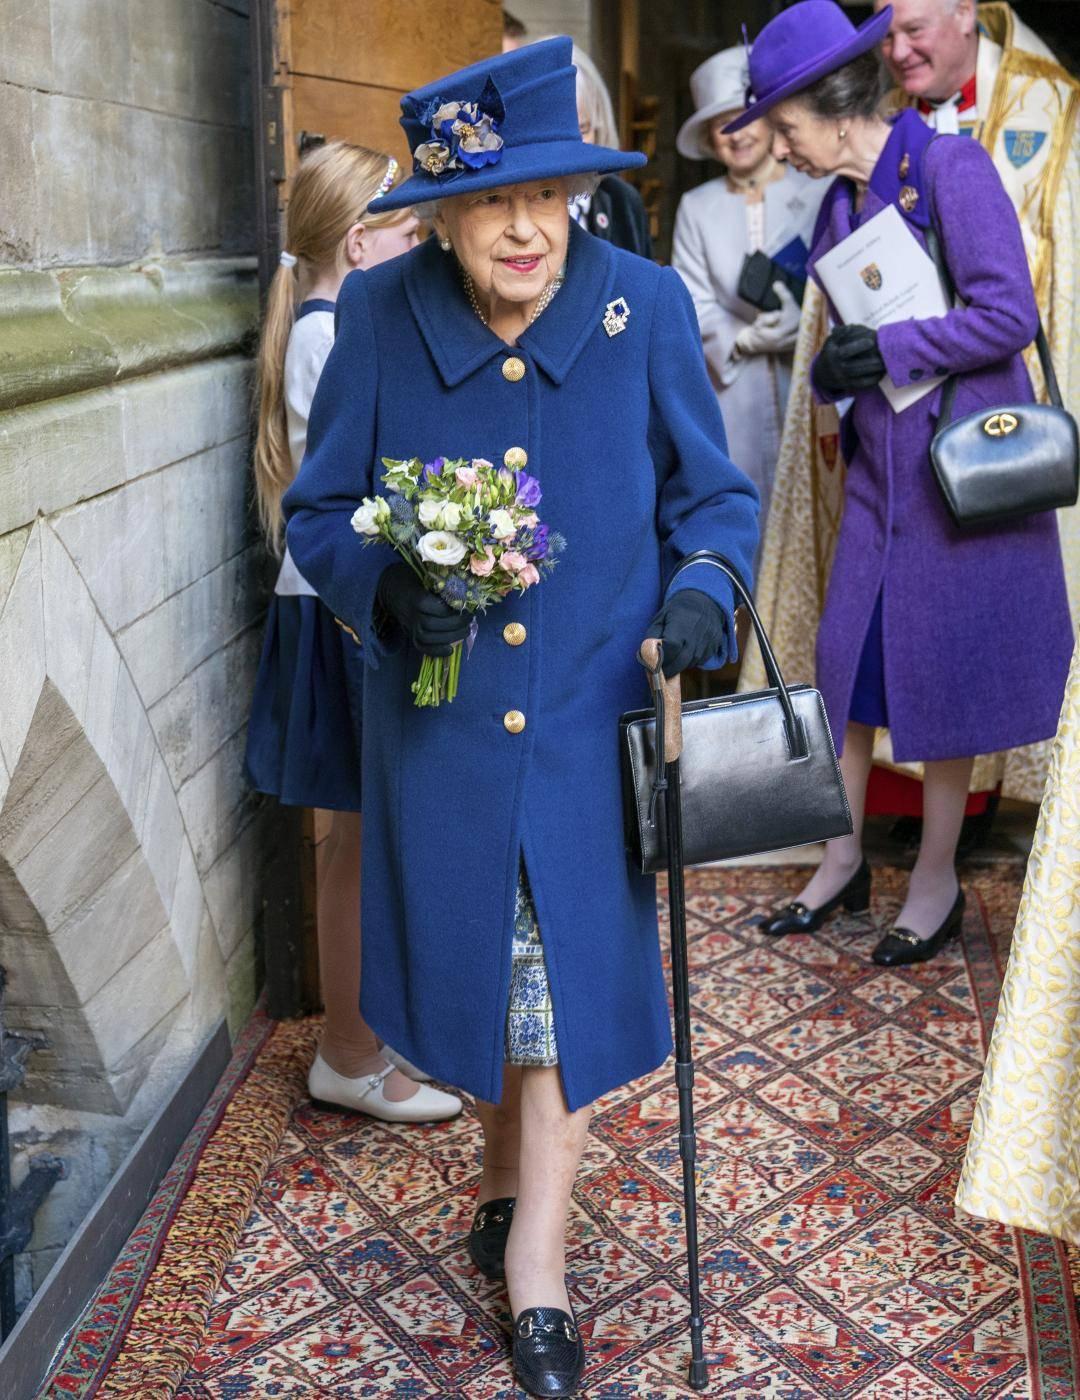 La Regina in pubblico con un bastone